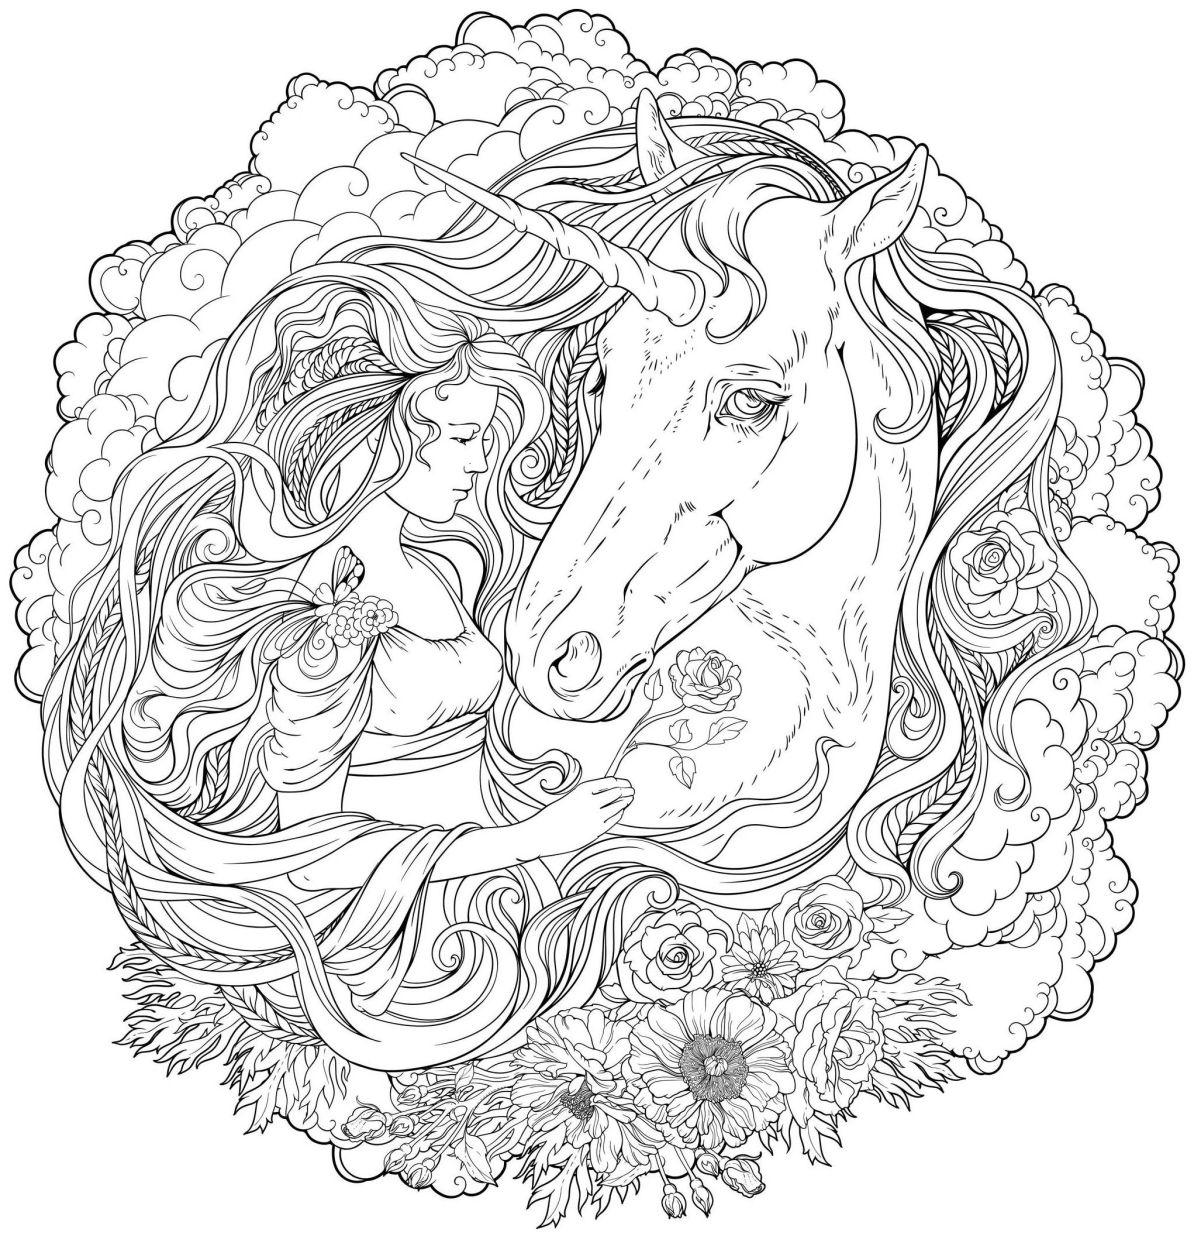 dibujos para colorear dificiles 22 chica y unicornio